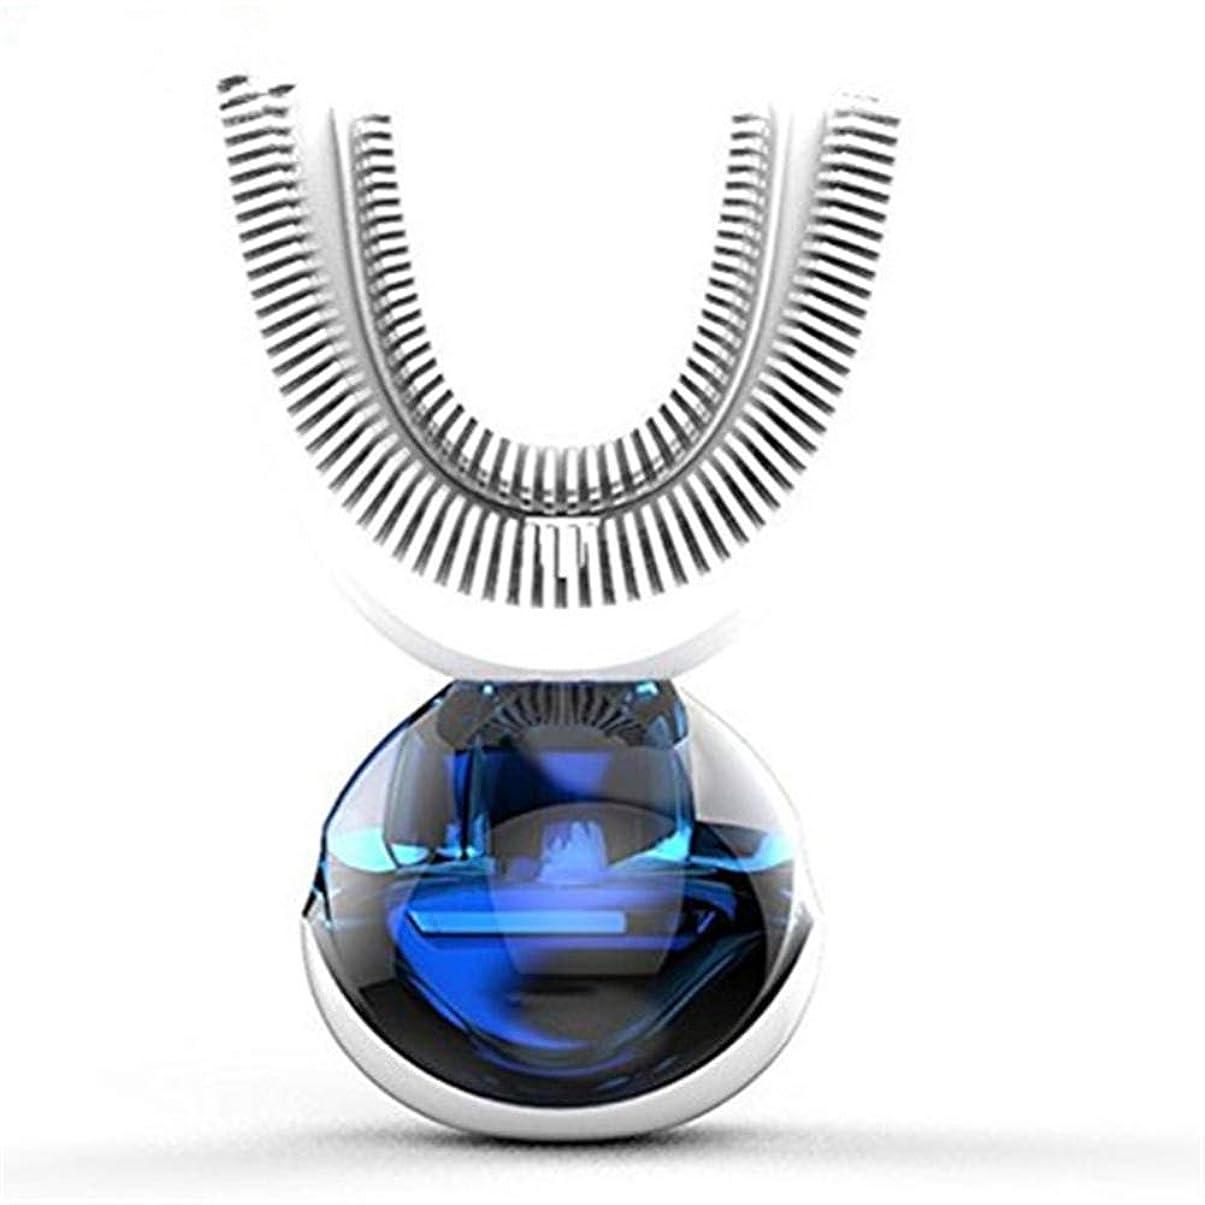 ボリューム聴覚やろう完全自動電気歯ブラシ超音波360度インテリジェント自動歯ブラシと食品級静菌性シリカゲル歯ブラシMAG.AL